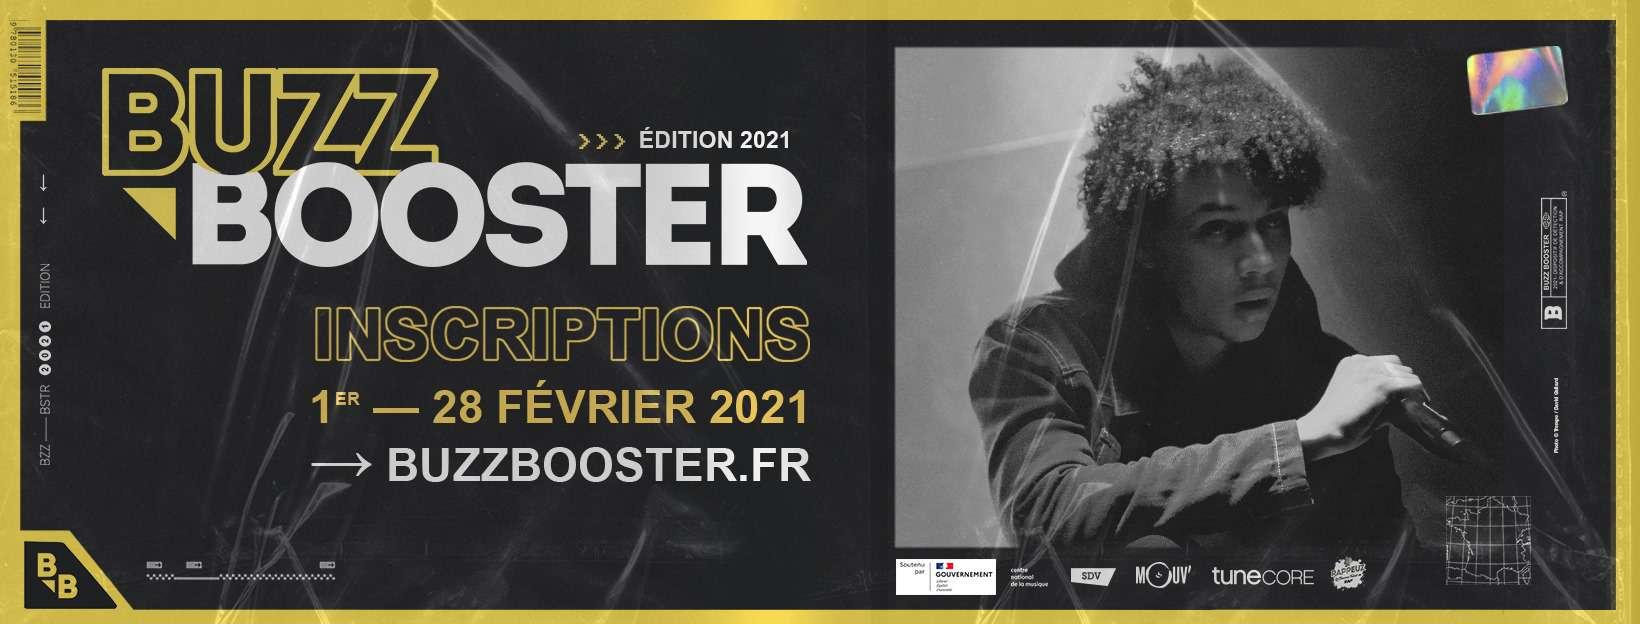 buzz booster 2021 pays de la loire nantes pick up production trempolino artiste rap